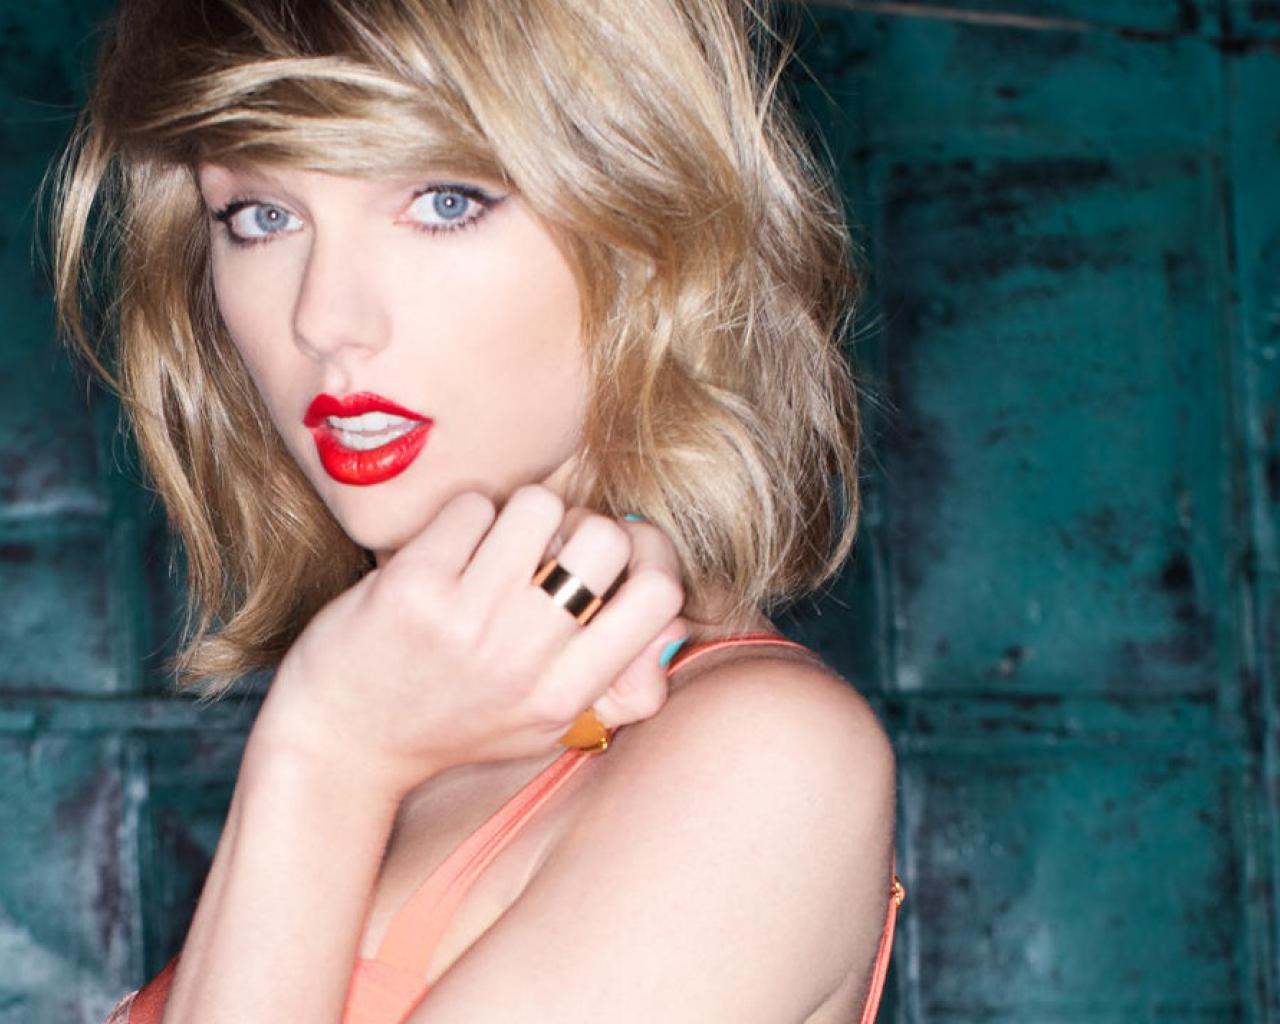 Kanye West Mostró Una Foto De Taylor Swift Desnuda Elsolcomar